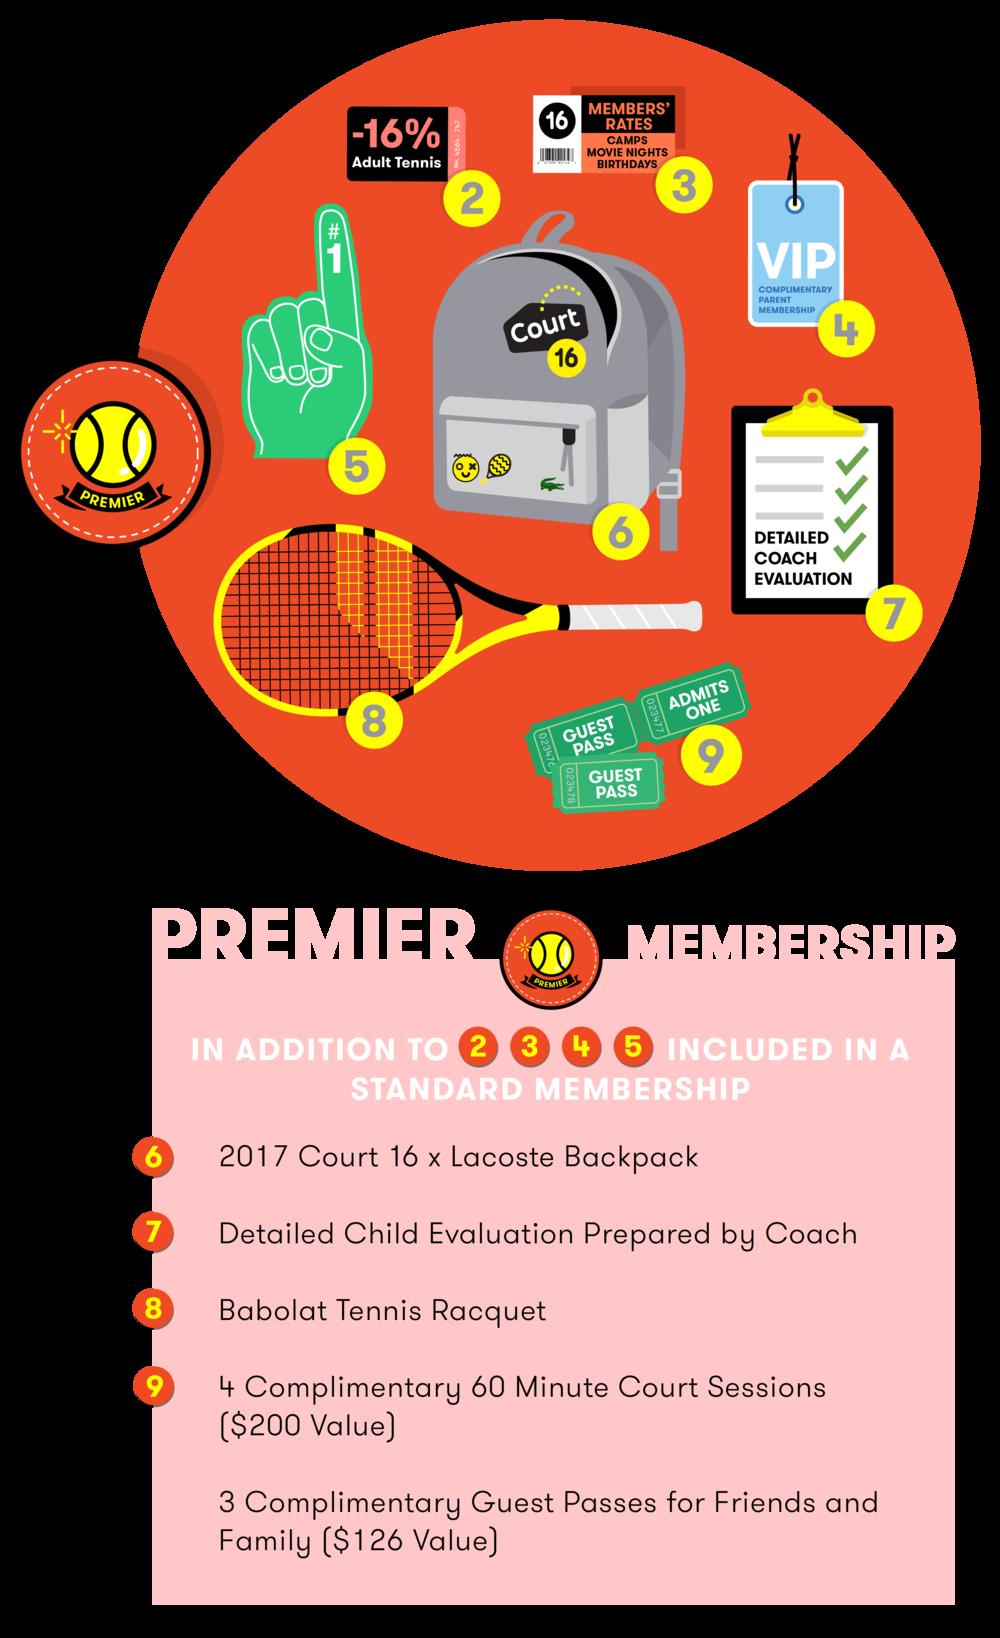 premier-membership-benefits